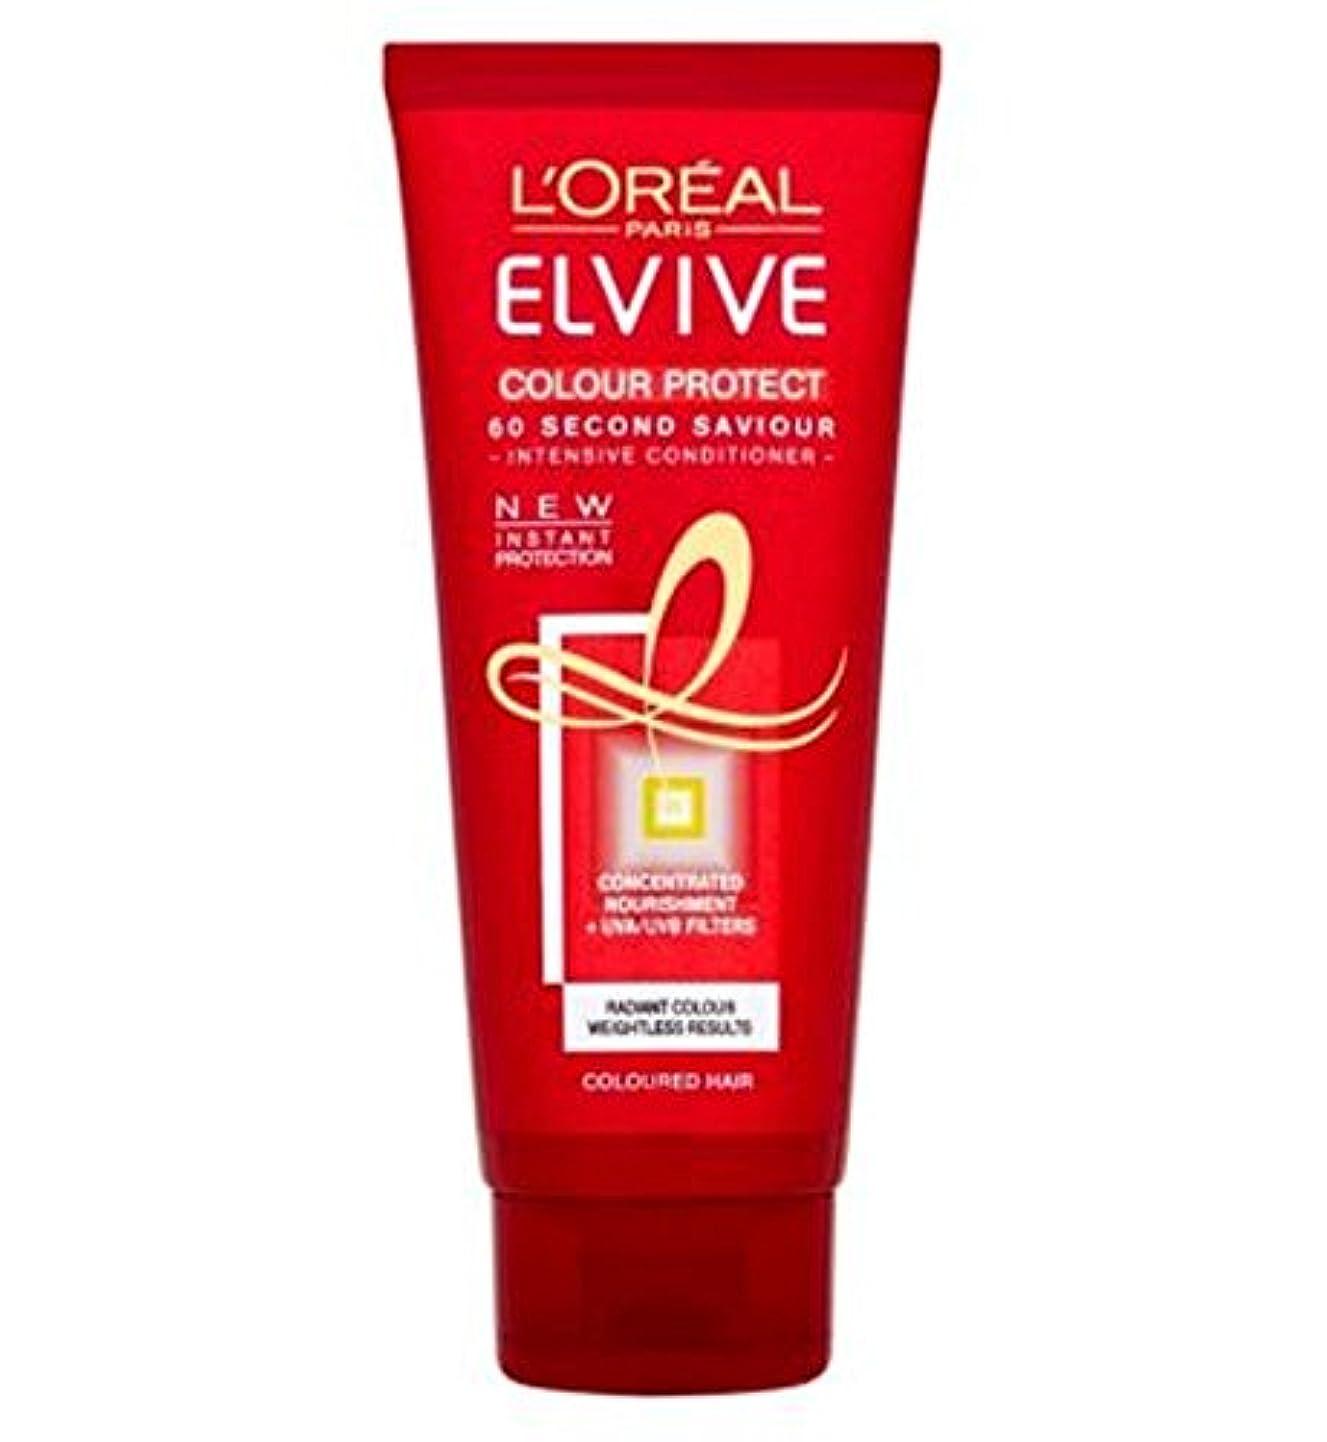 外科医拒絶セミナーL'Oreall Elvive Colour Protect Conditioner 200ml - L'Oreall Elviveカラーコンディショナー200ミリリットルを保護 (L'Oreal) [並行輸入品]